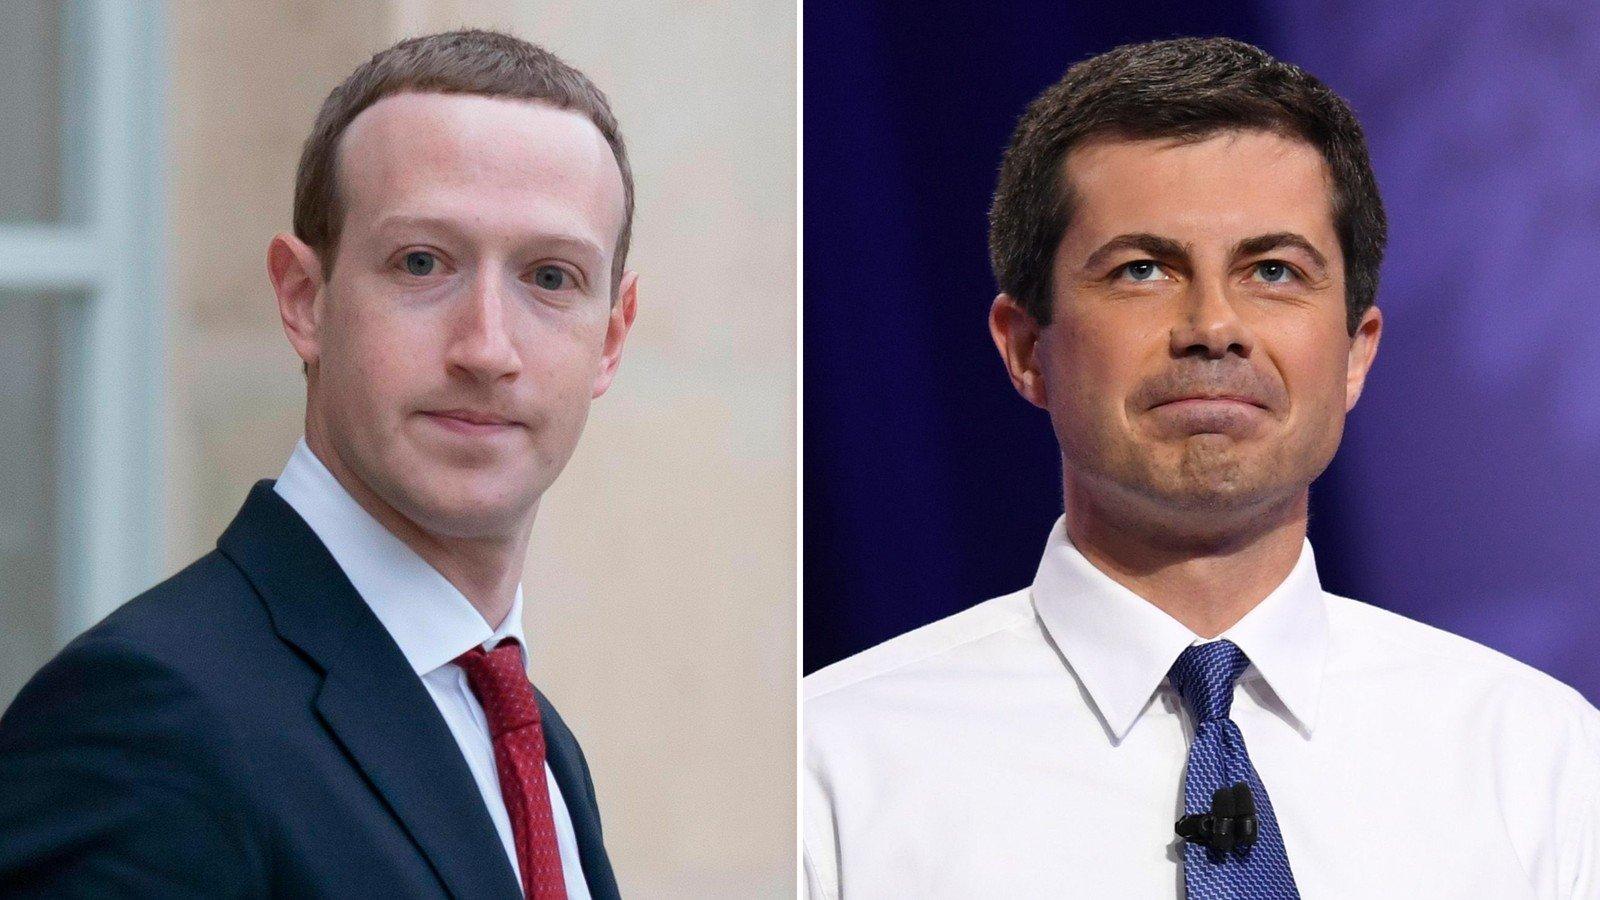 Facebook CEO: Hiring advice to Buttigieg 'shouldn't be taken as an endorsement'